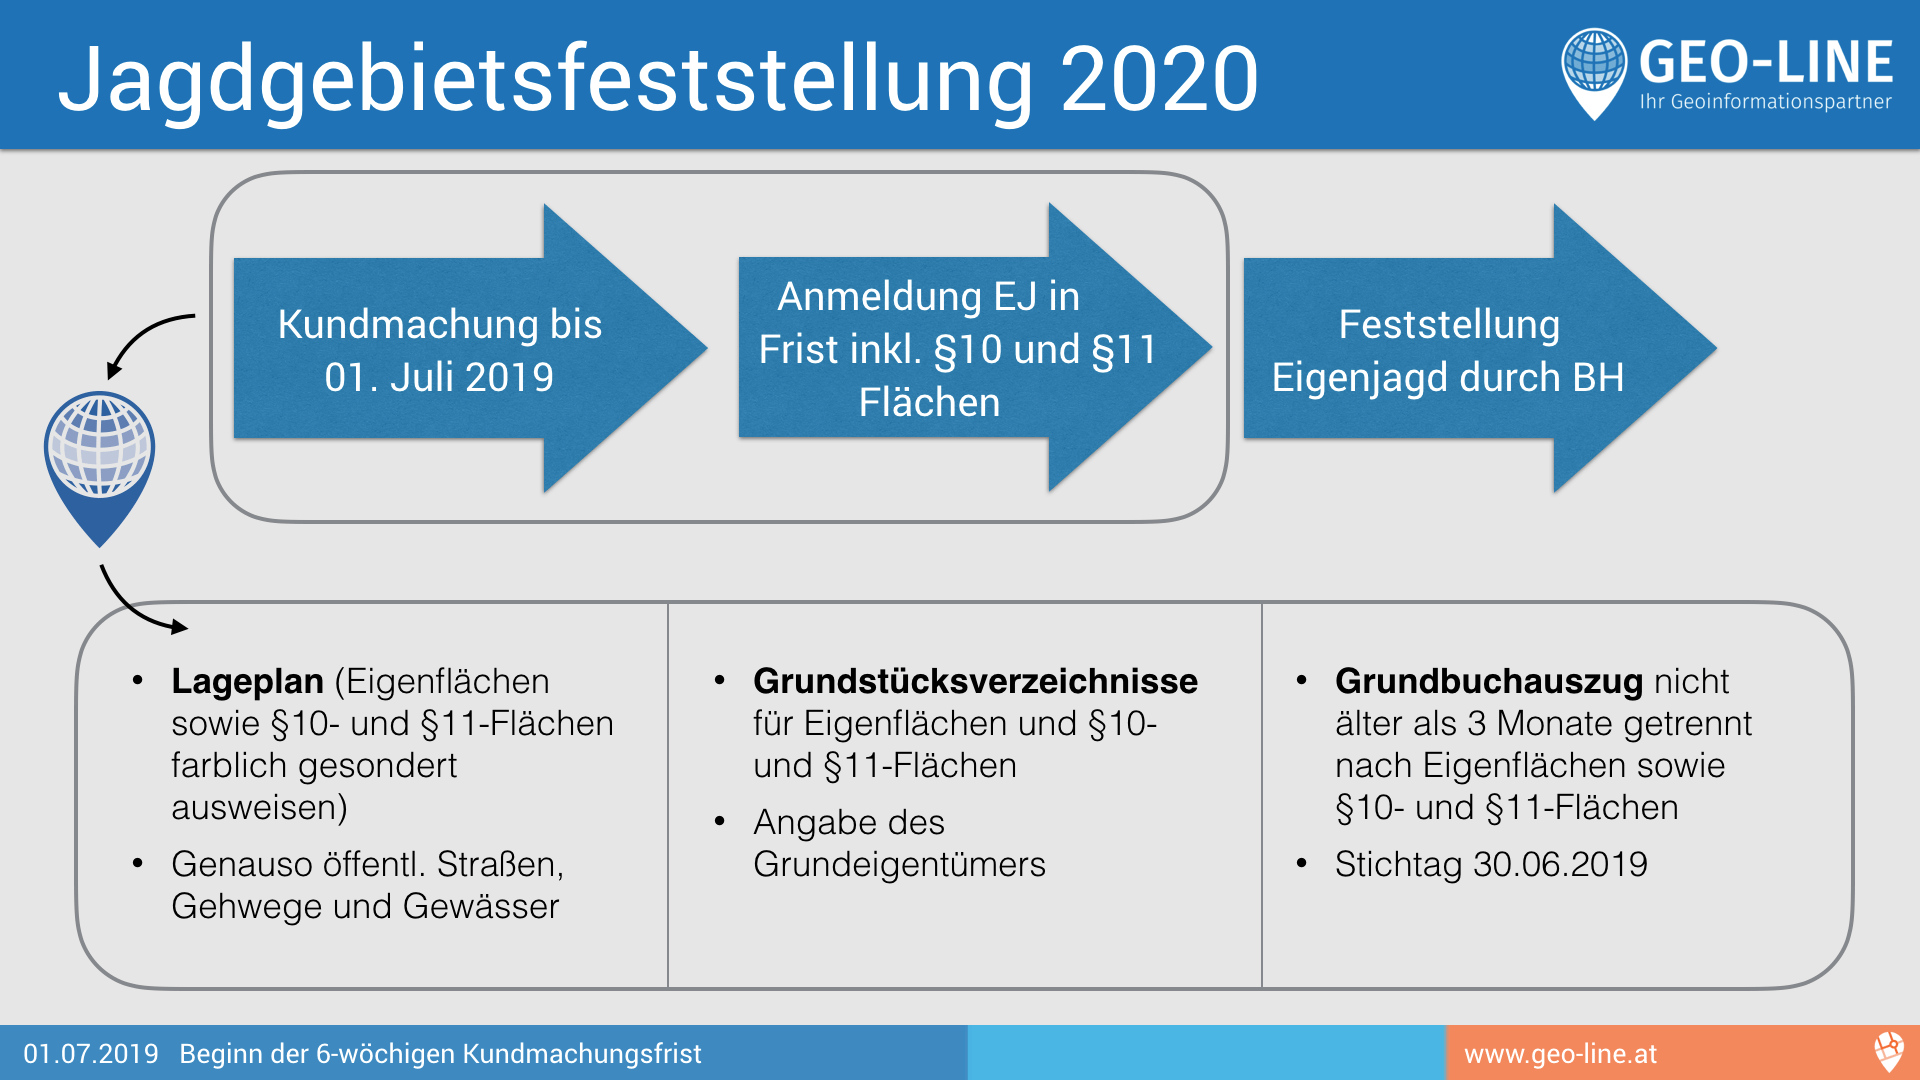 Jagdgebietsfeststellung 2020